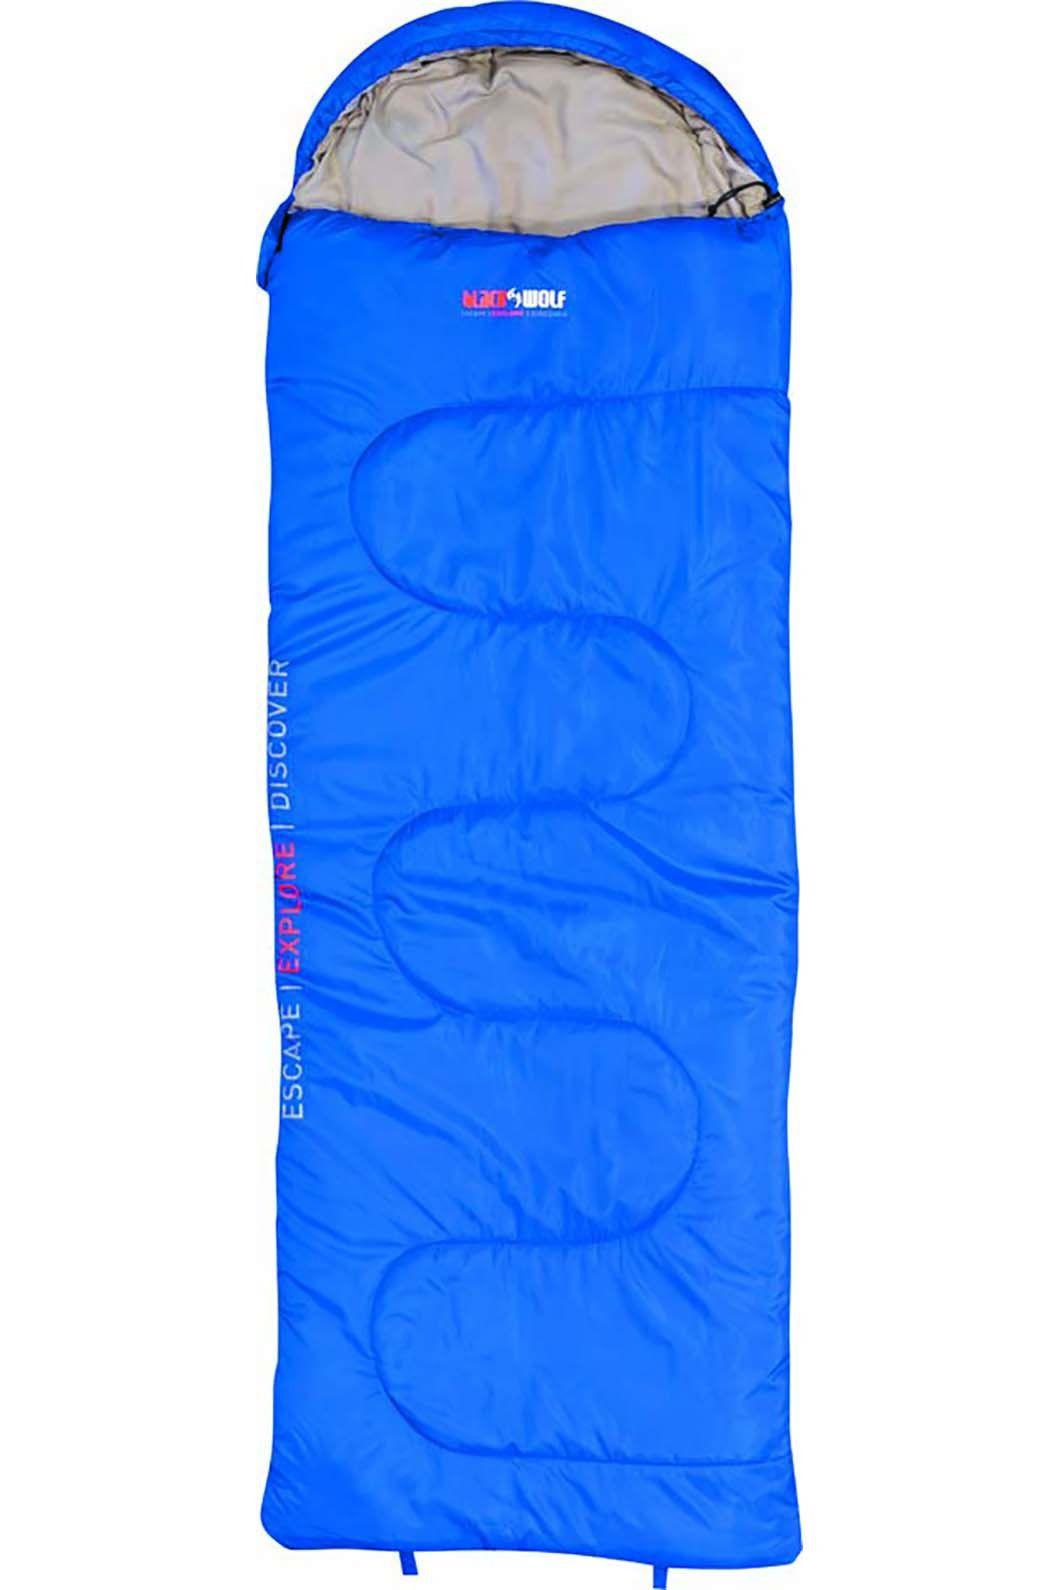 BlackWolf Meridian 450 Sleeping Bag 3, None, hi-res